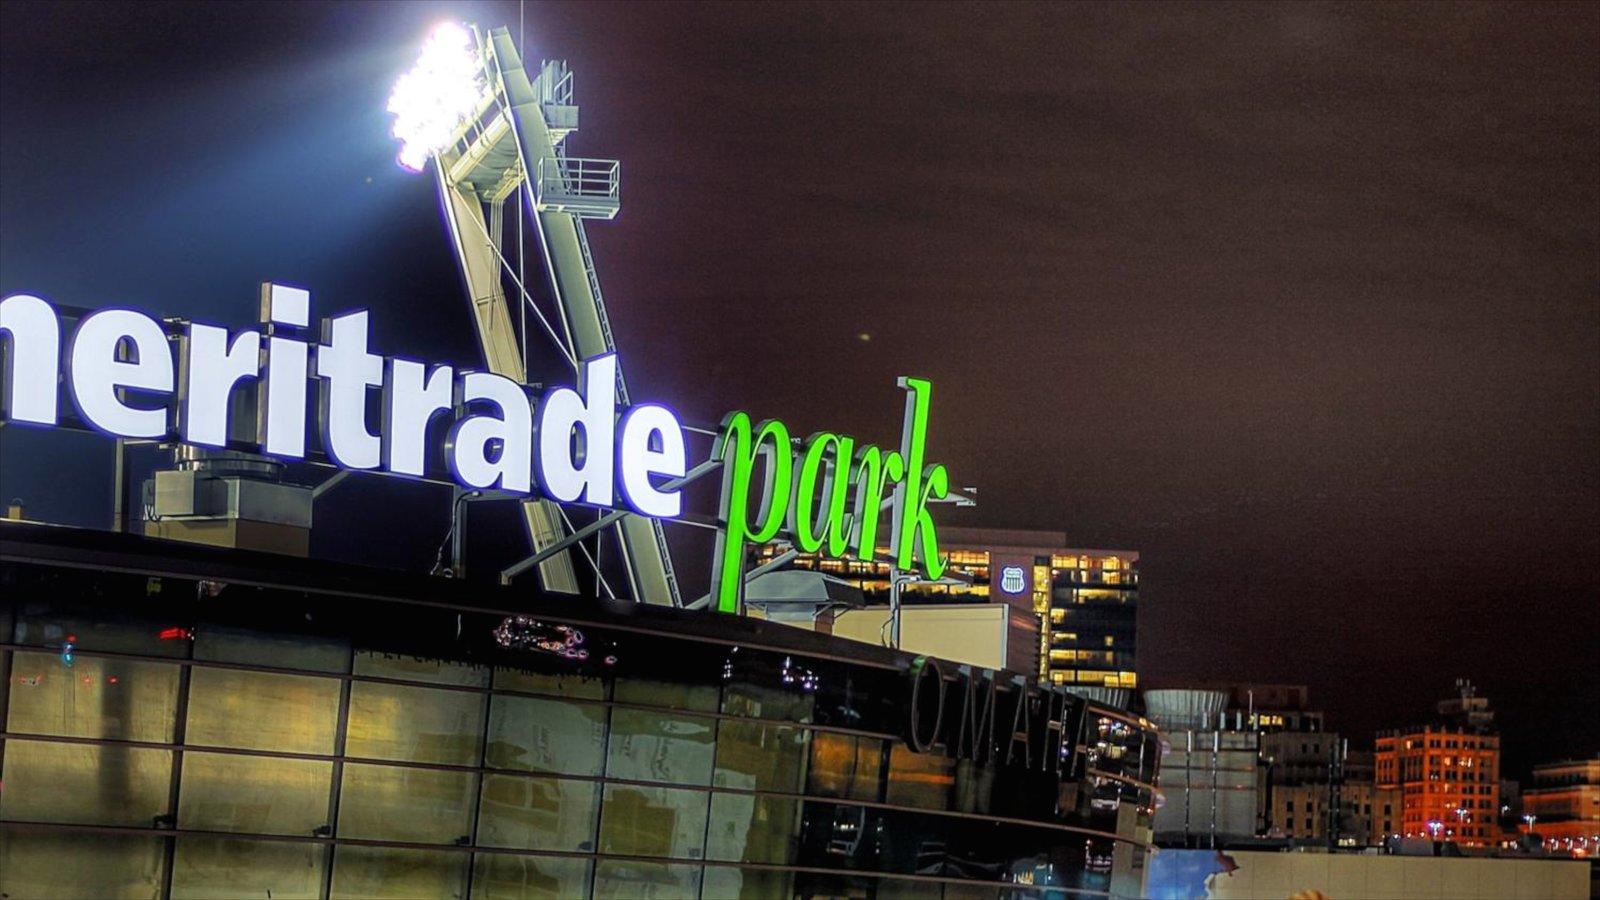 Downtown Omaha caracterizando sinalização, cenas noturnas e arquitetura moderna